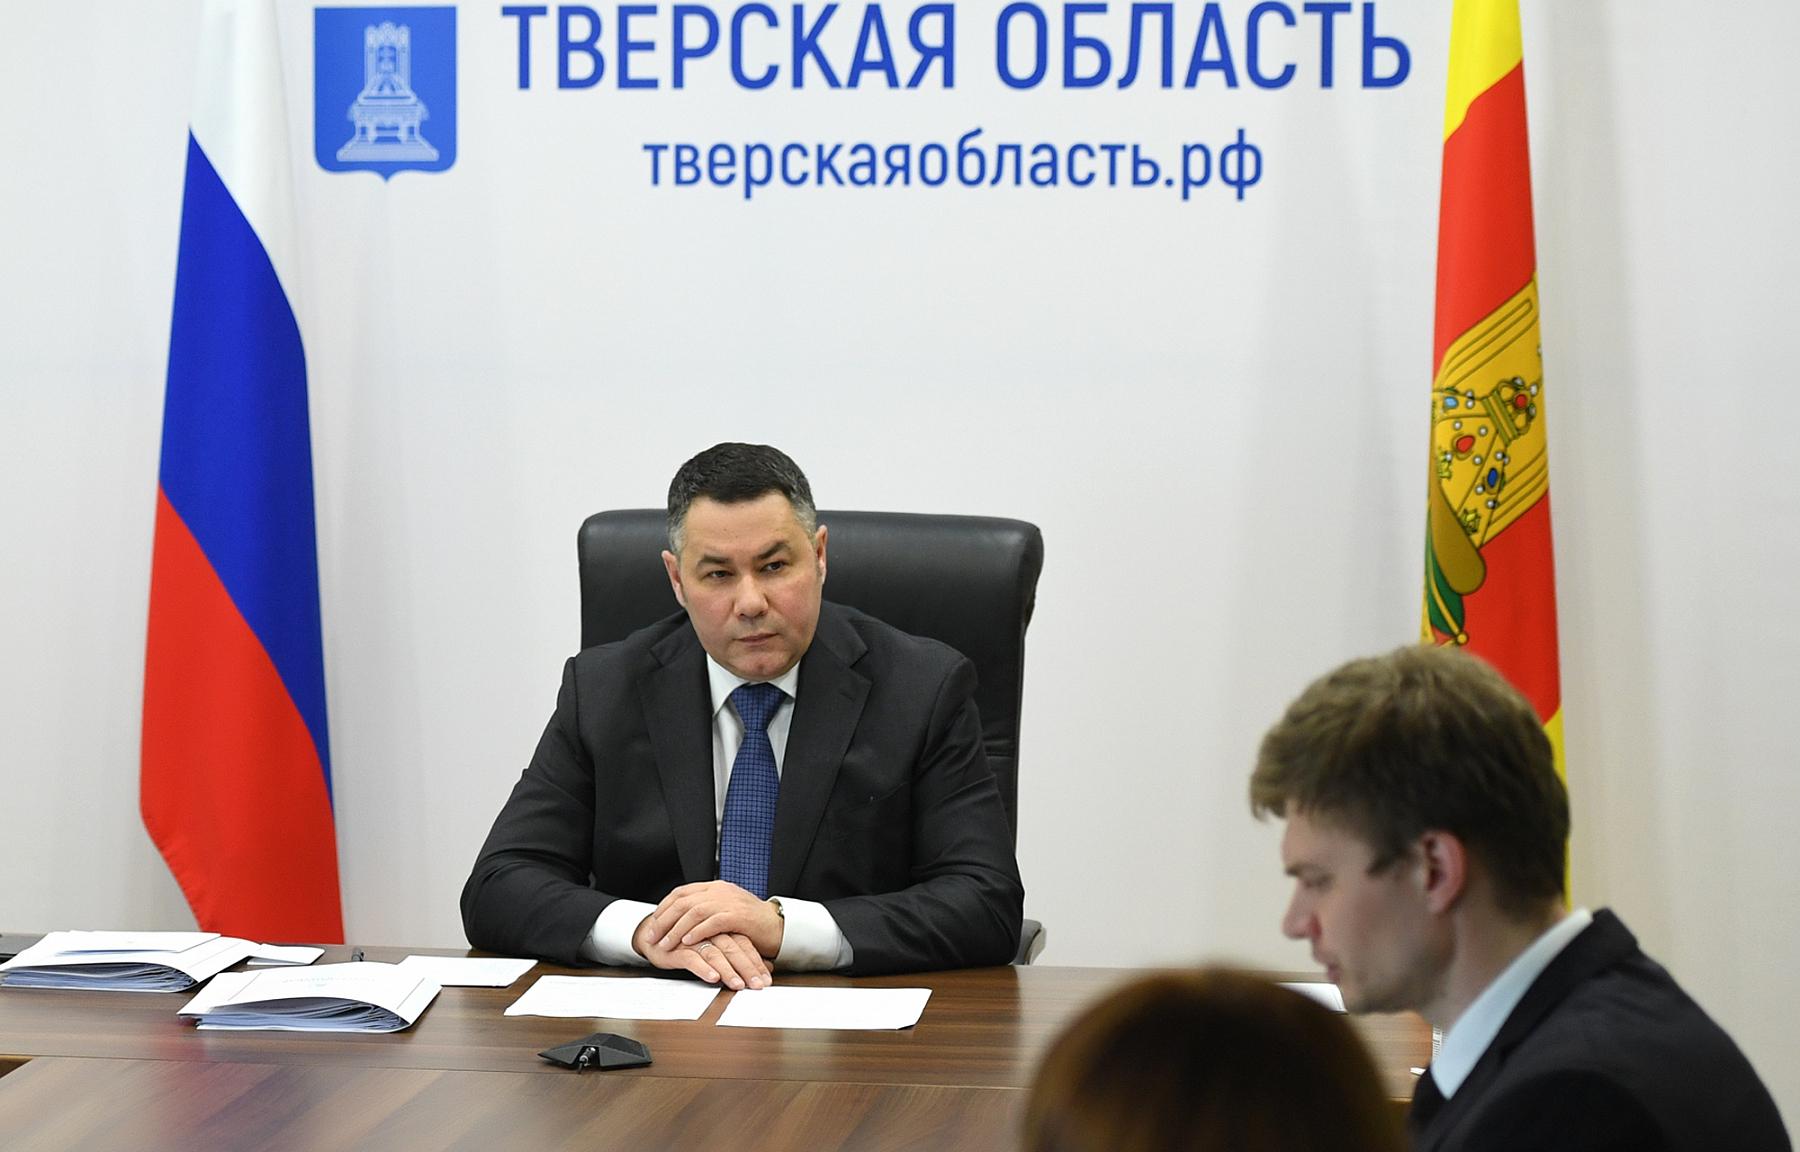 Теплоснабжение Нелидовского городского округа приведено в штатный режим